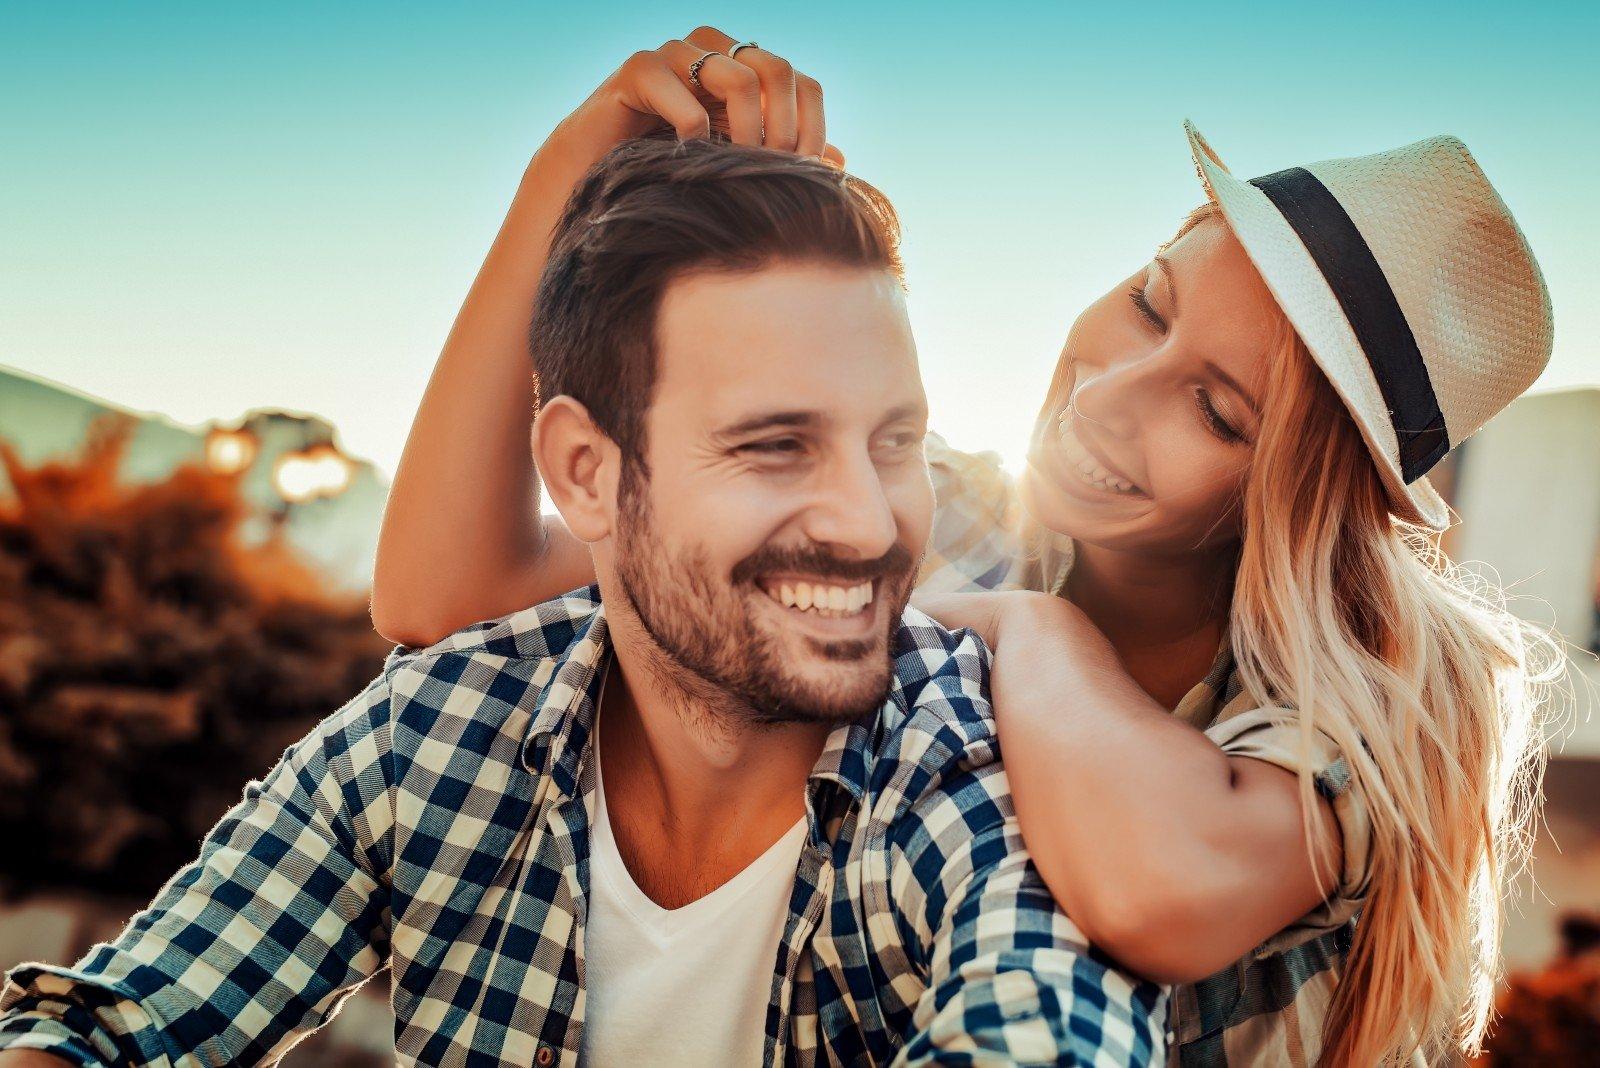 Filmas didingas amzius online dating